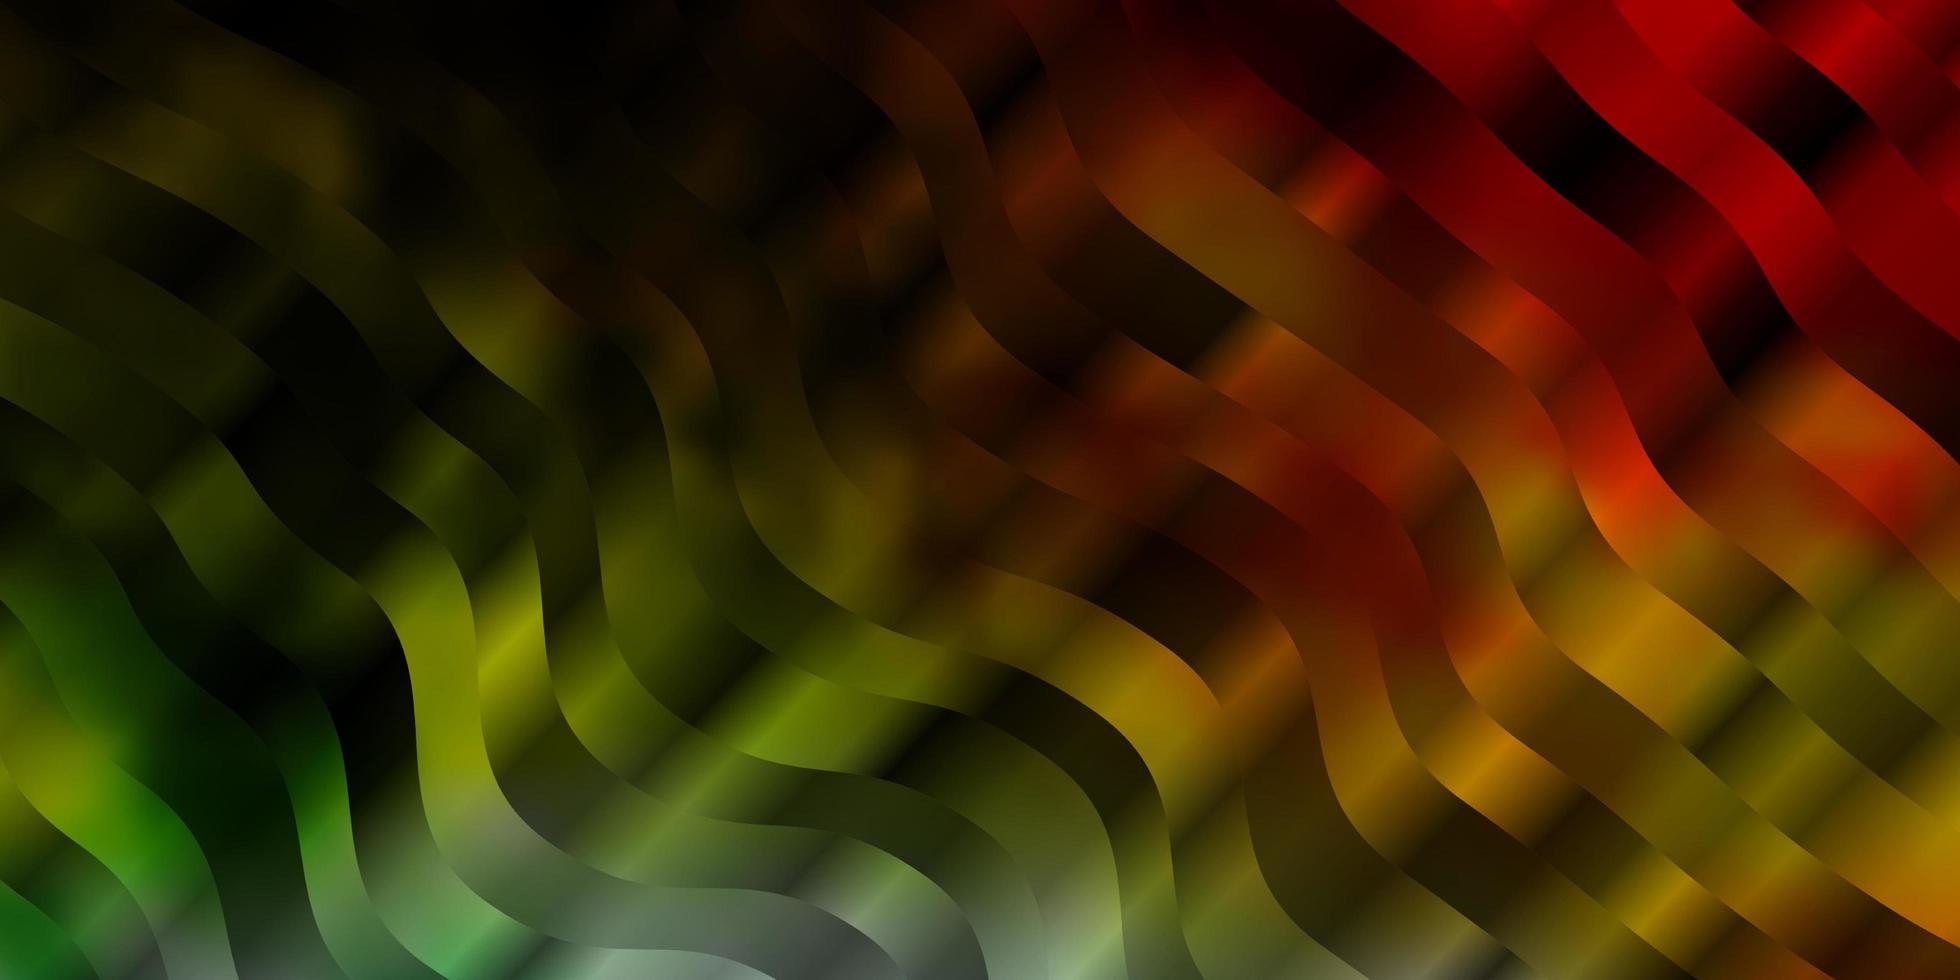 motivo rosso e verde con linee ironiche. vettore